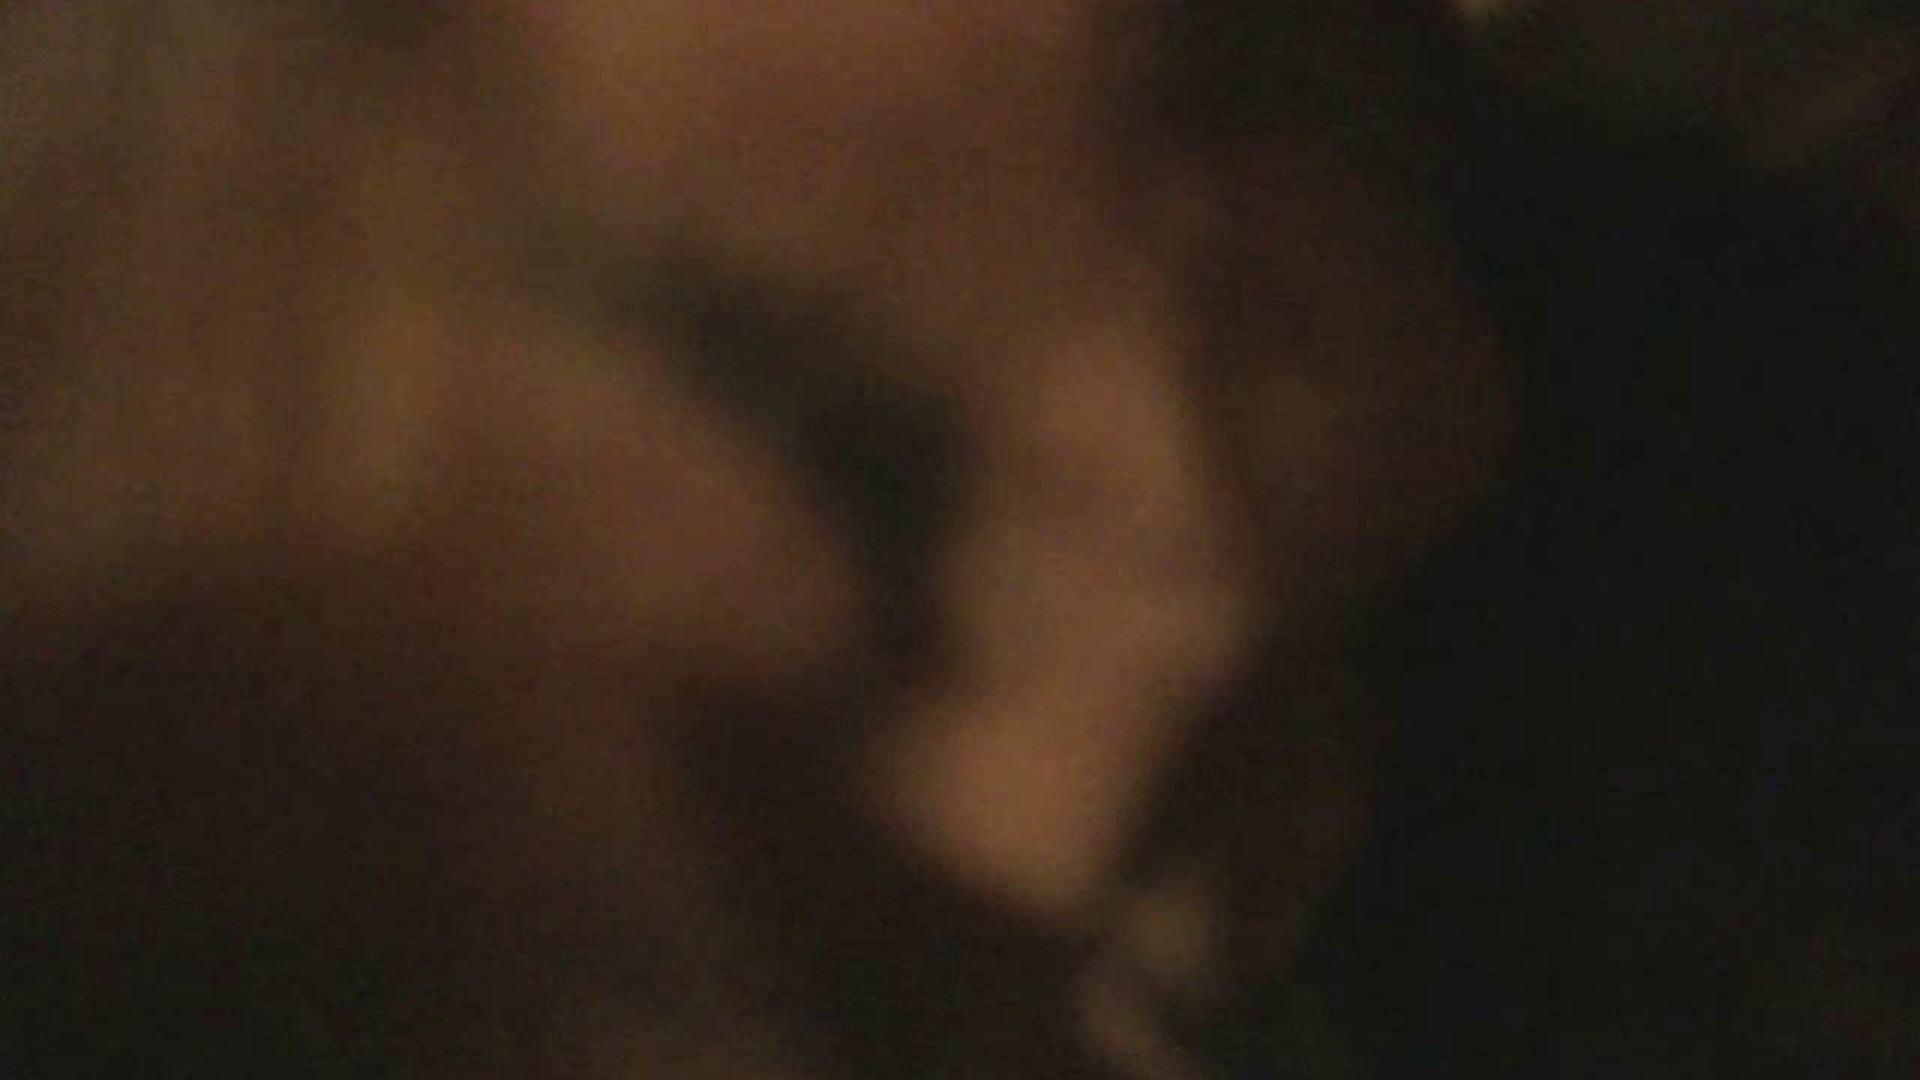 魔術師の お・も・て・な・し vol.10 19歳女子大生にカラオケでイタズラ イタズラ 盗撮動画紹介 79連発 53